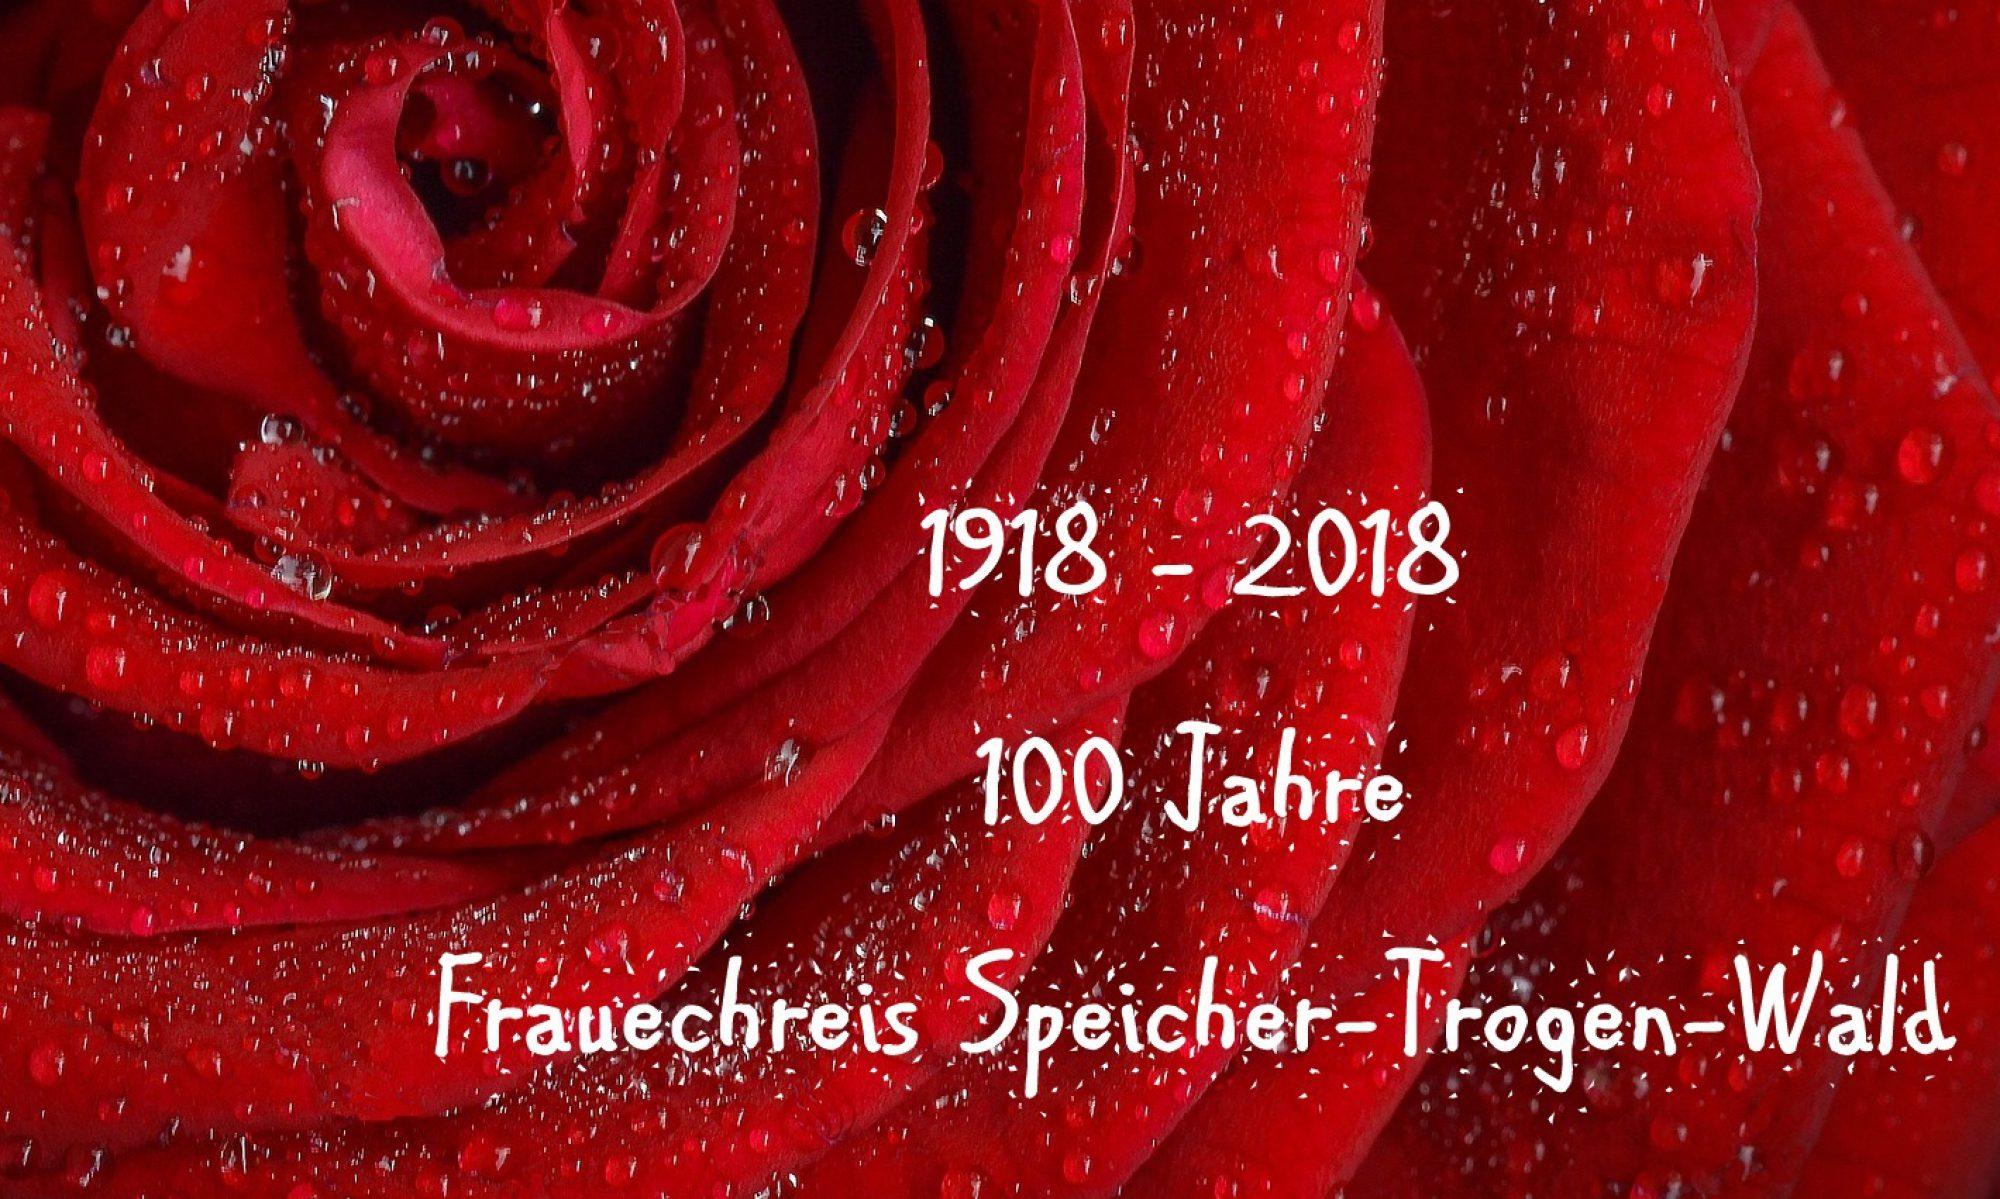 Frauechreis Speicher-Trogen-Wald